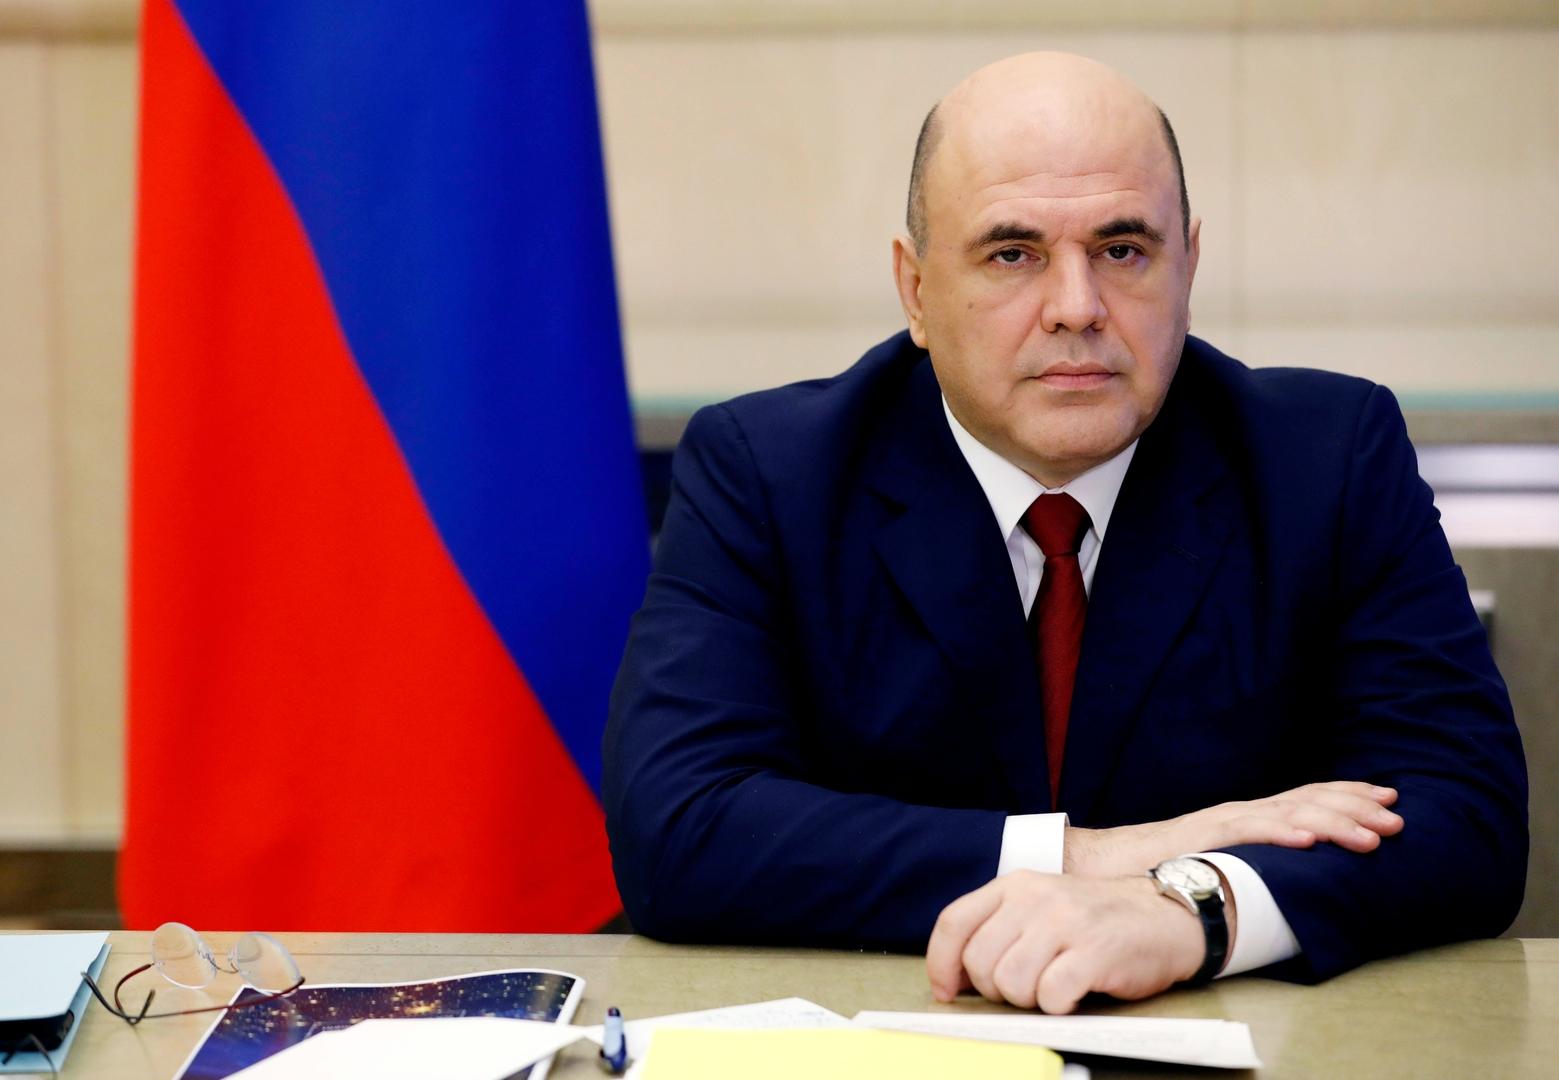 رئيس الوزراء الروسي يحث المواطنين على عدم التسرع في وضع خطط لقضاء العطلة في الخارج